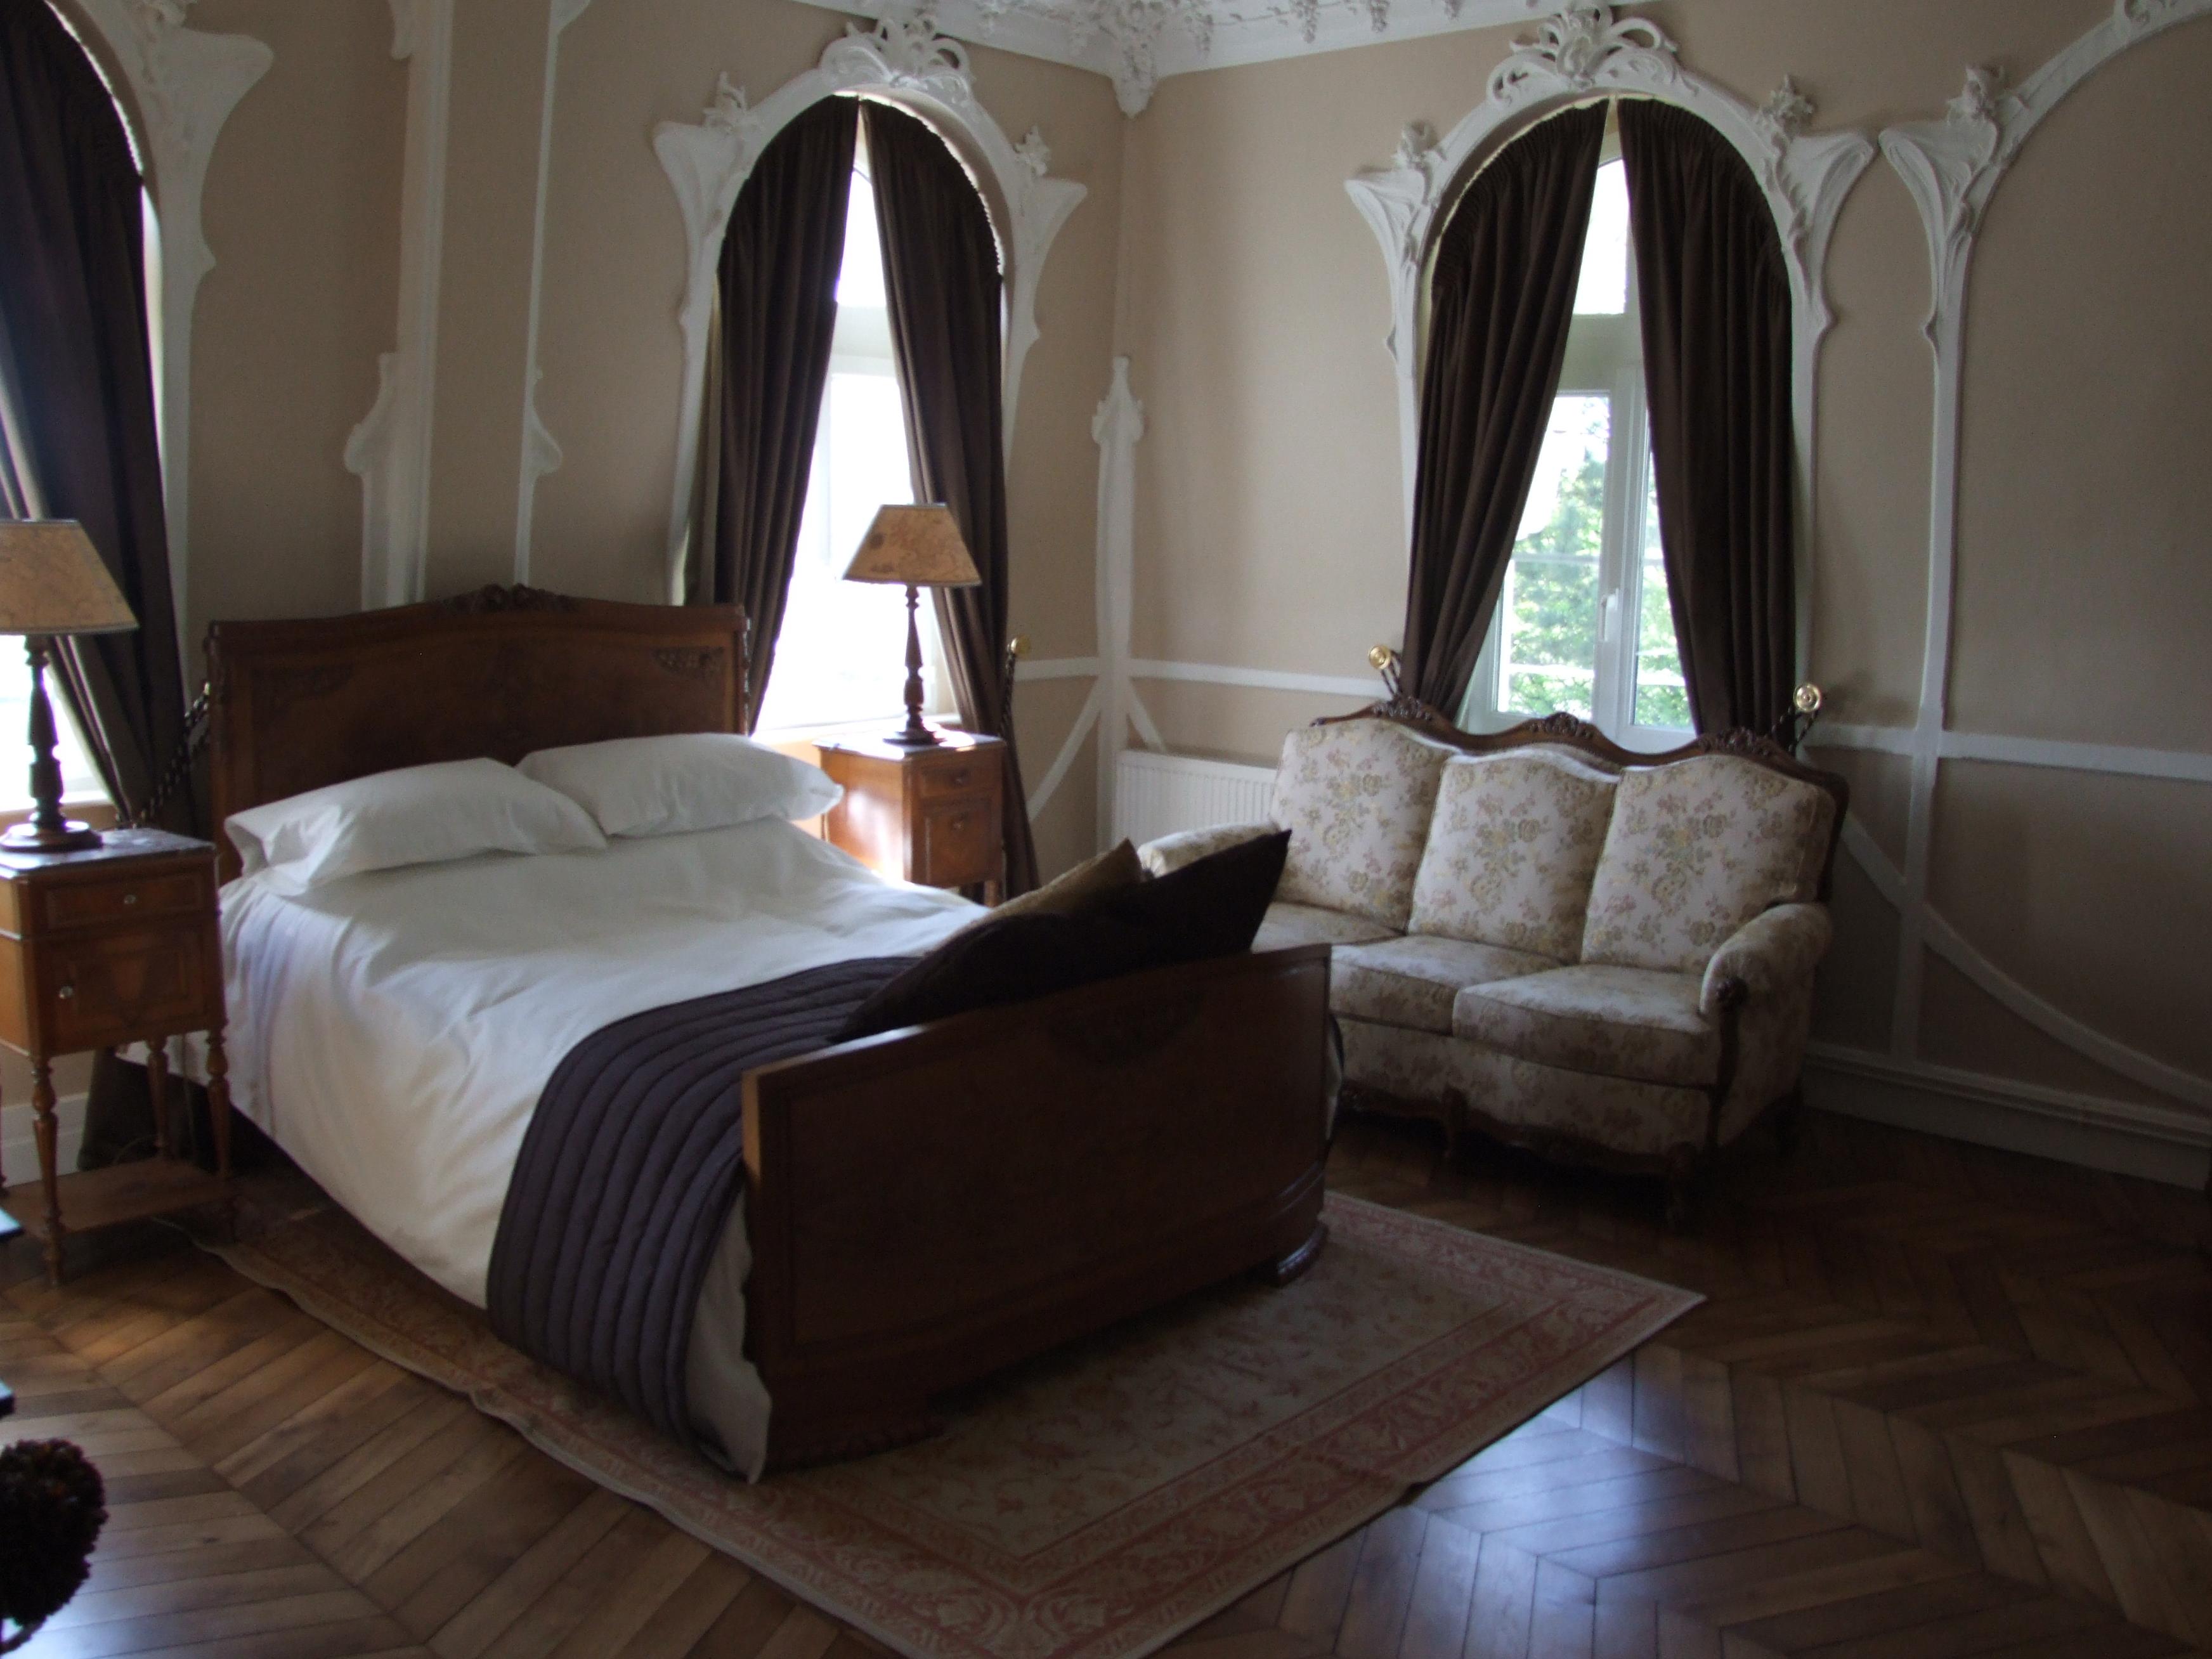 Chambres d'hote Art Nouveau